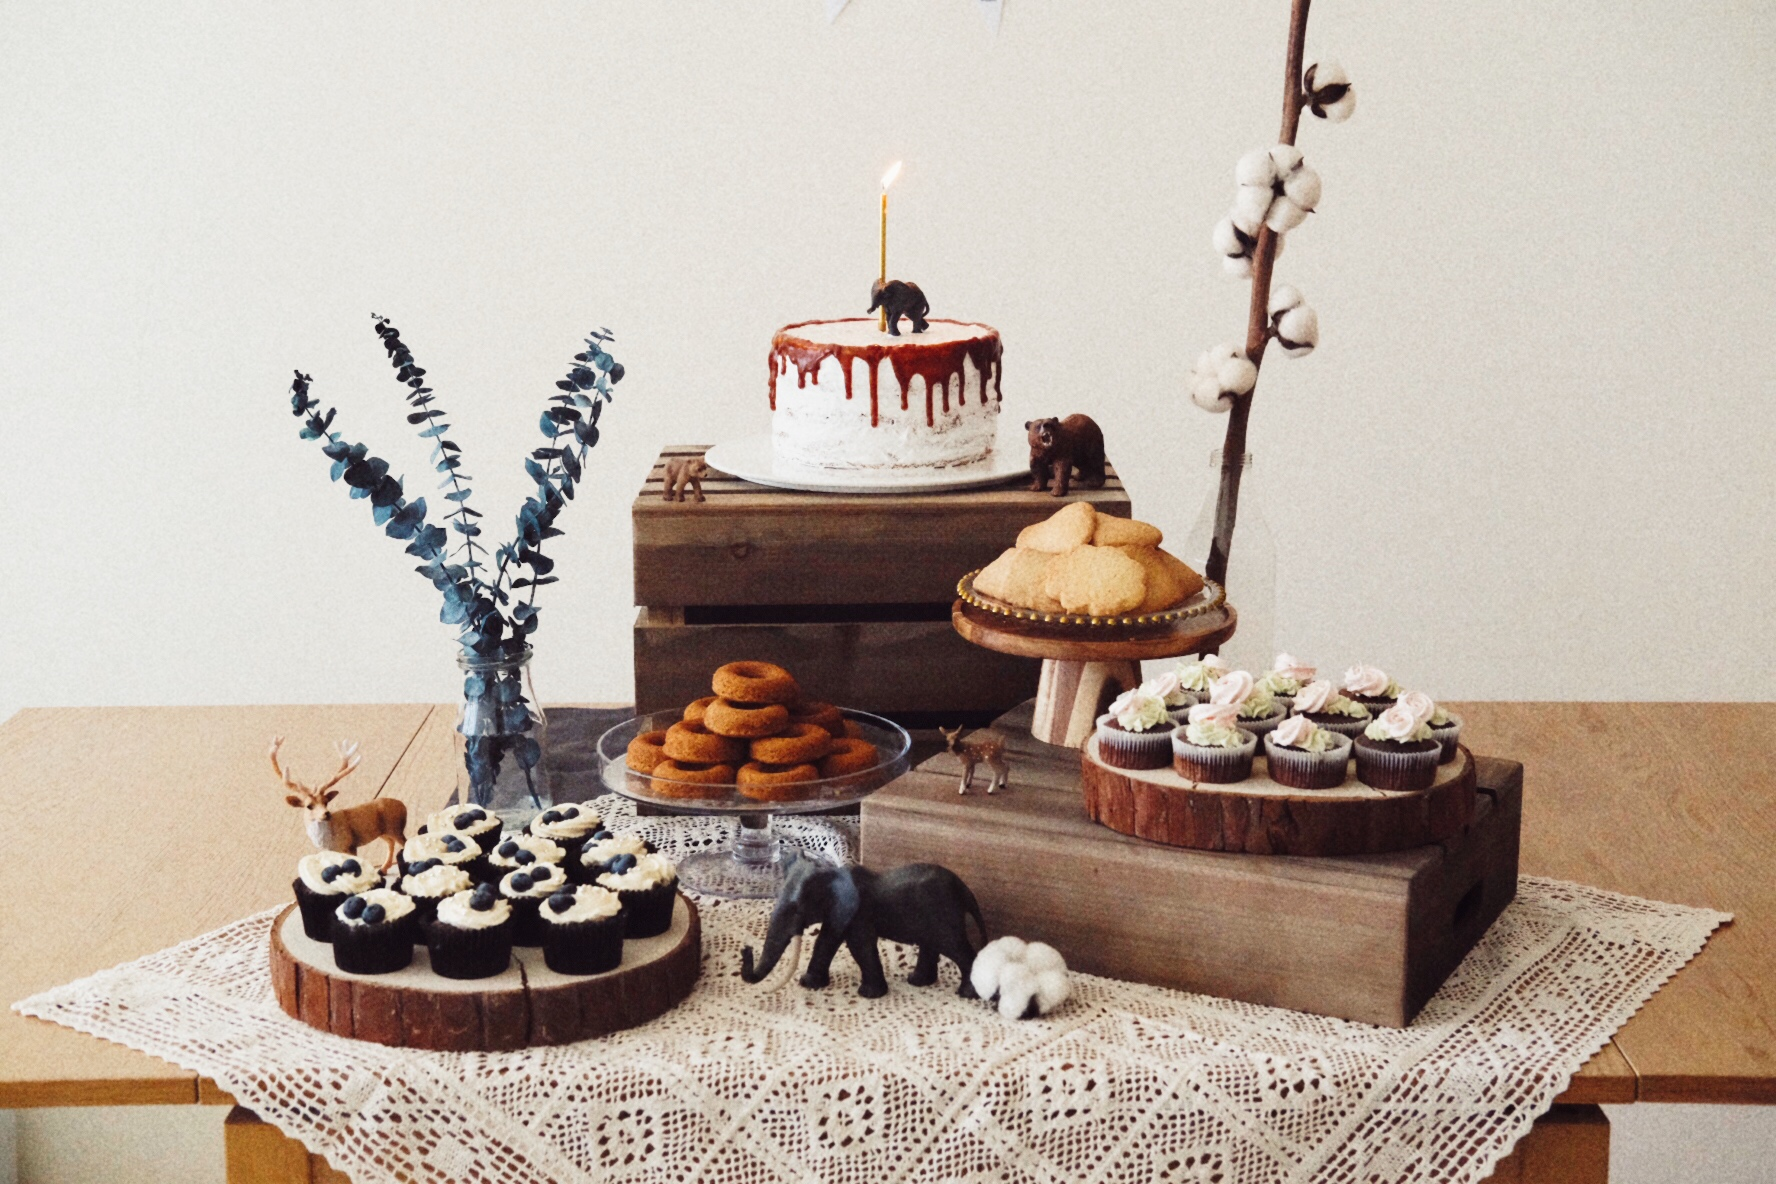 Desserttable1.jpg